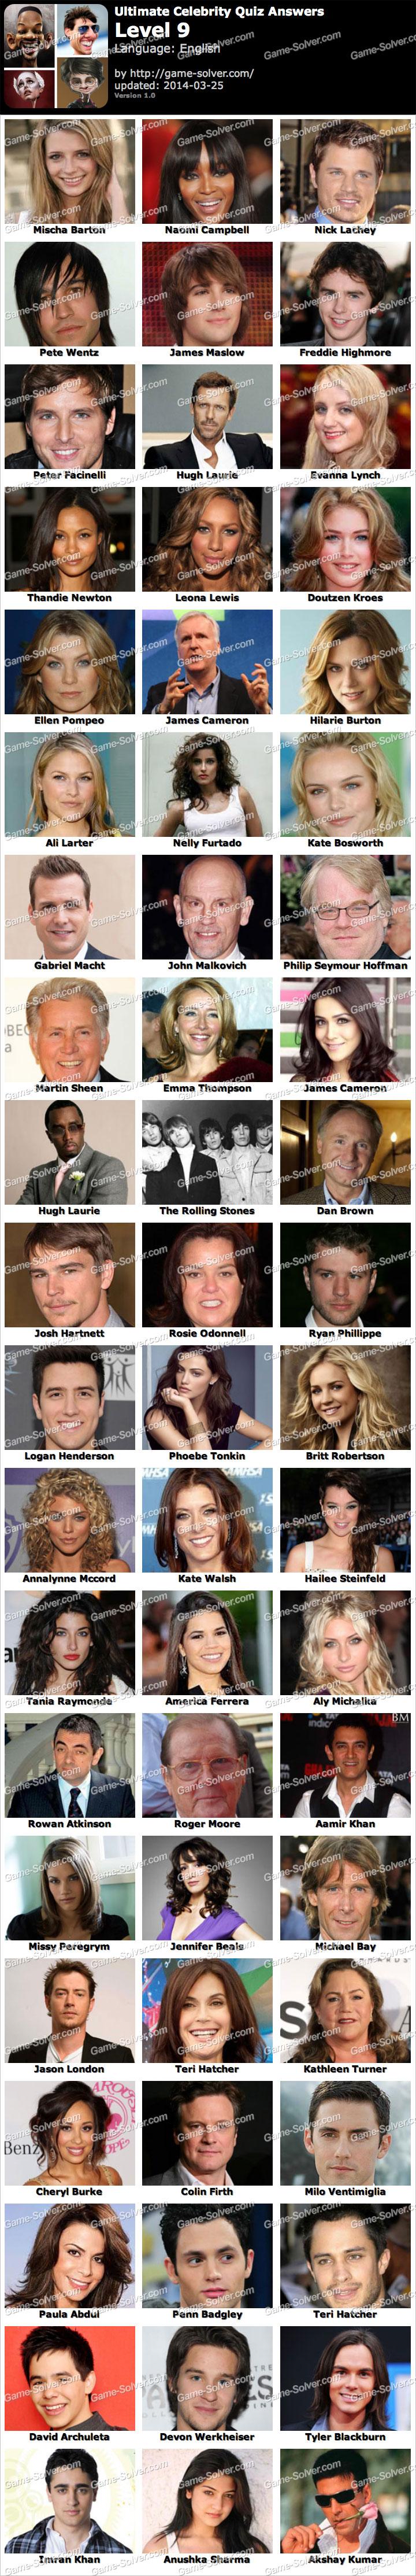 Celebrity News Quiz - Candis